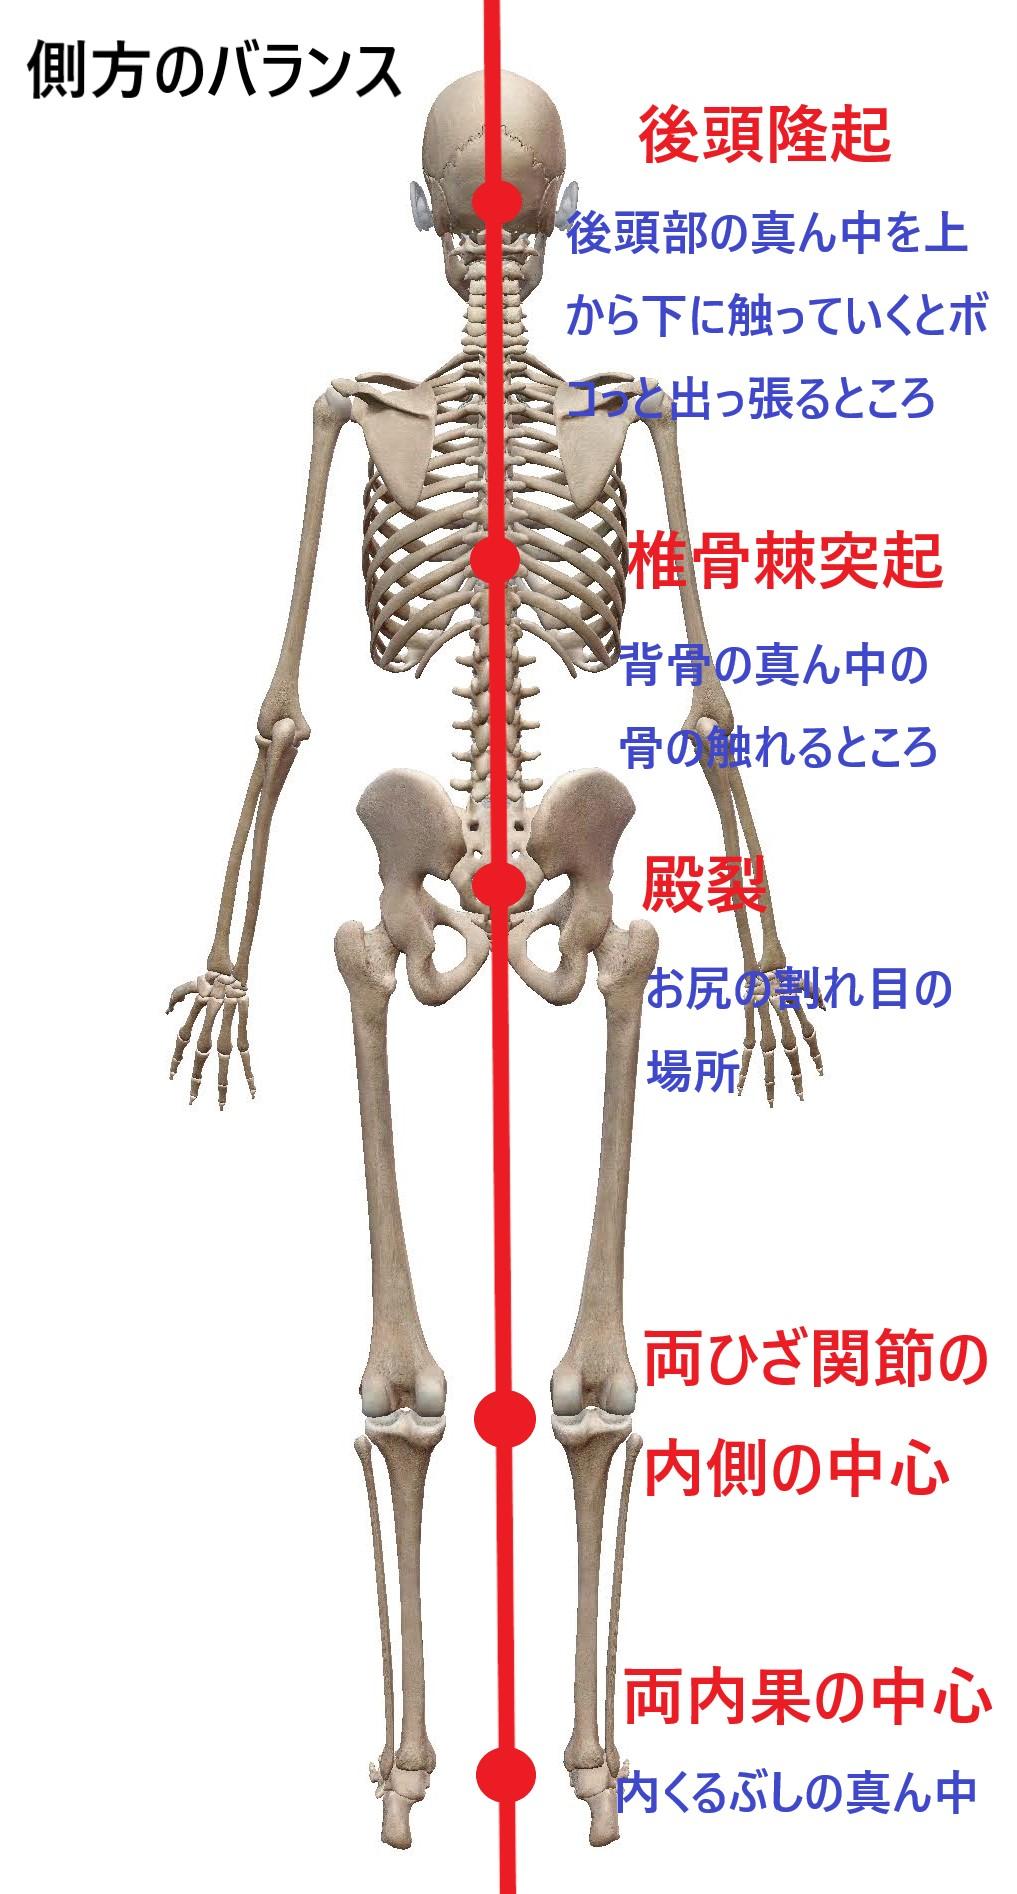 身体の側方バランスの図